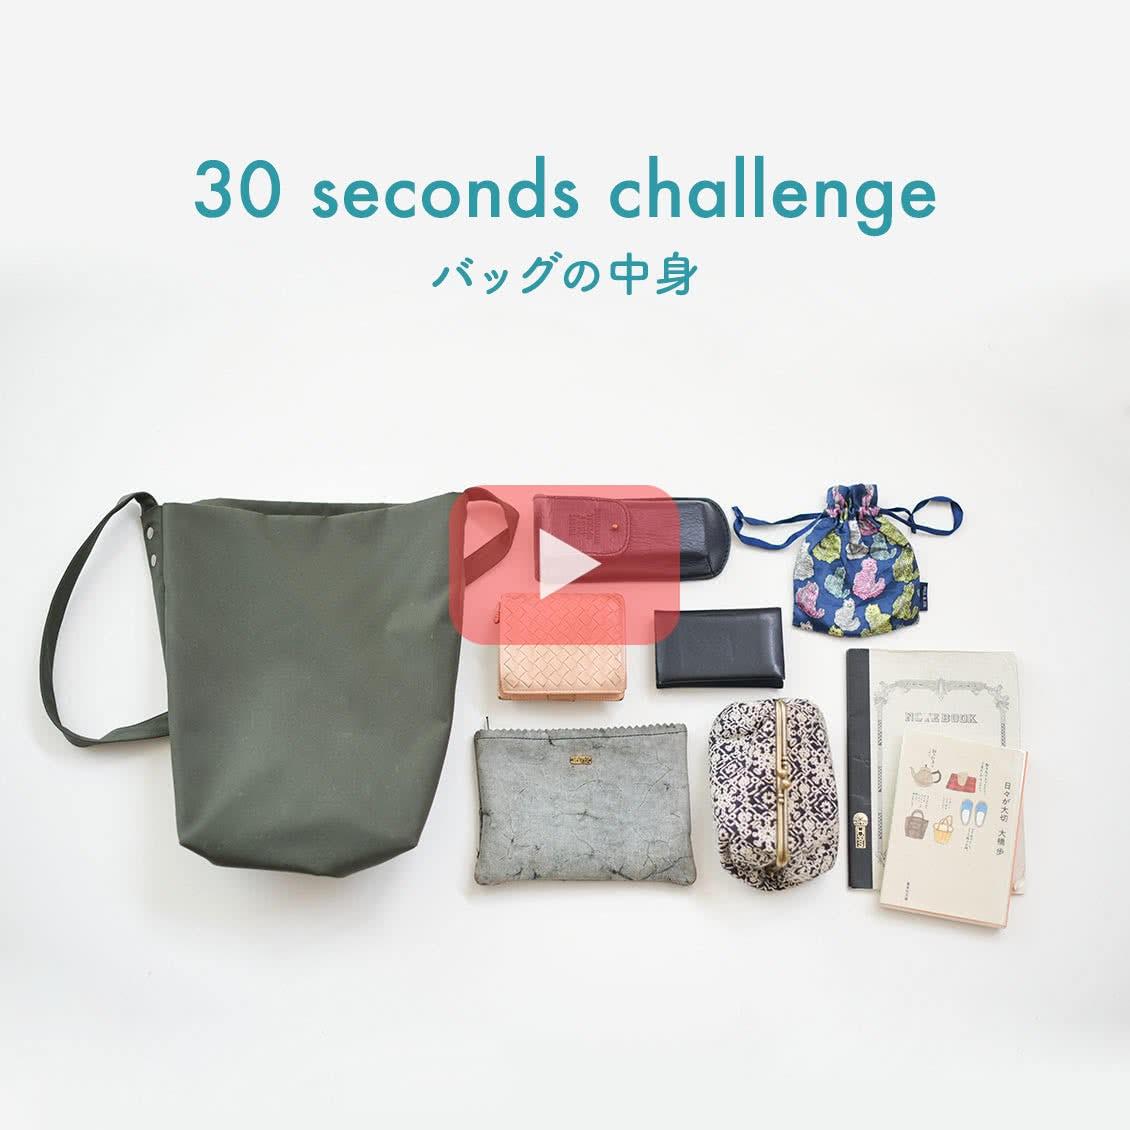 【30秒チャレンジ】雨でも使えるナイロンの通勤バッグ、中身3つを紹介します!(スタッフ斉木 編)